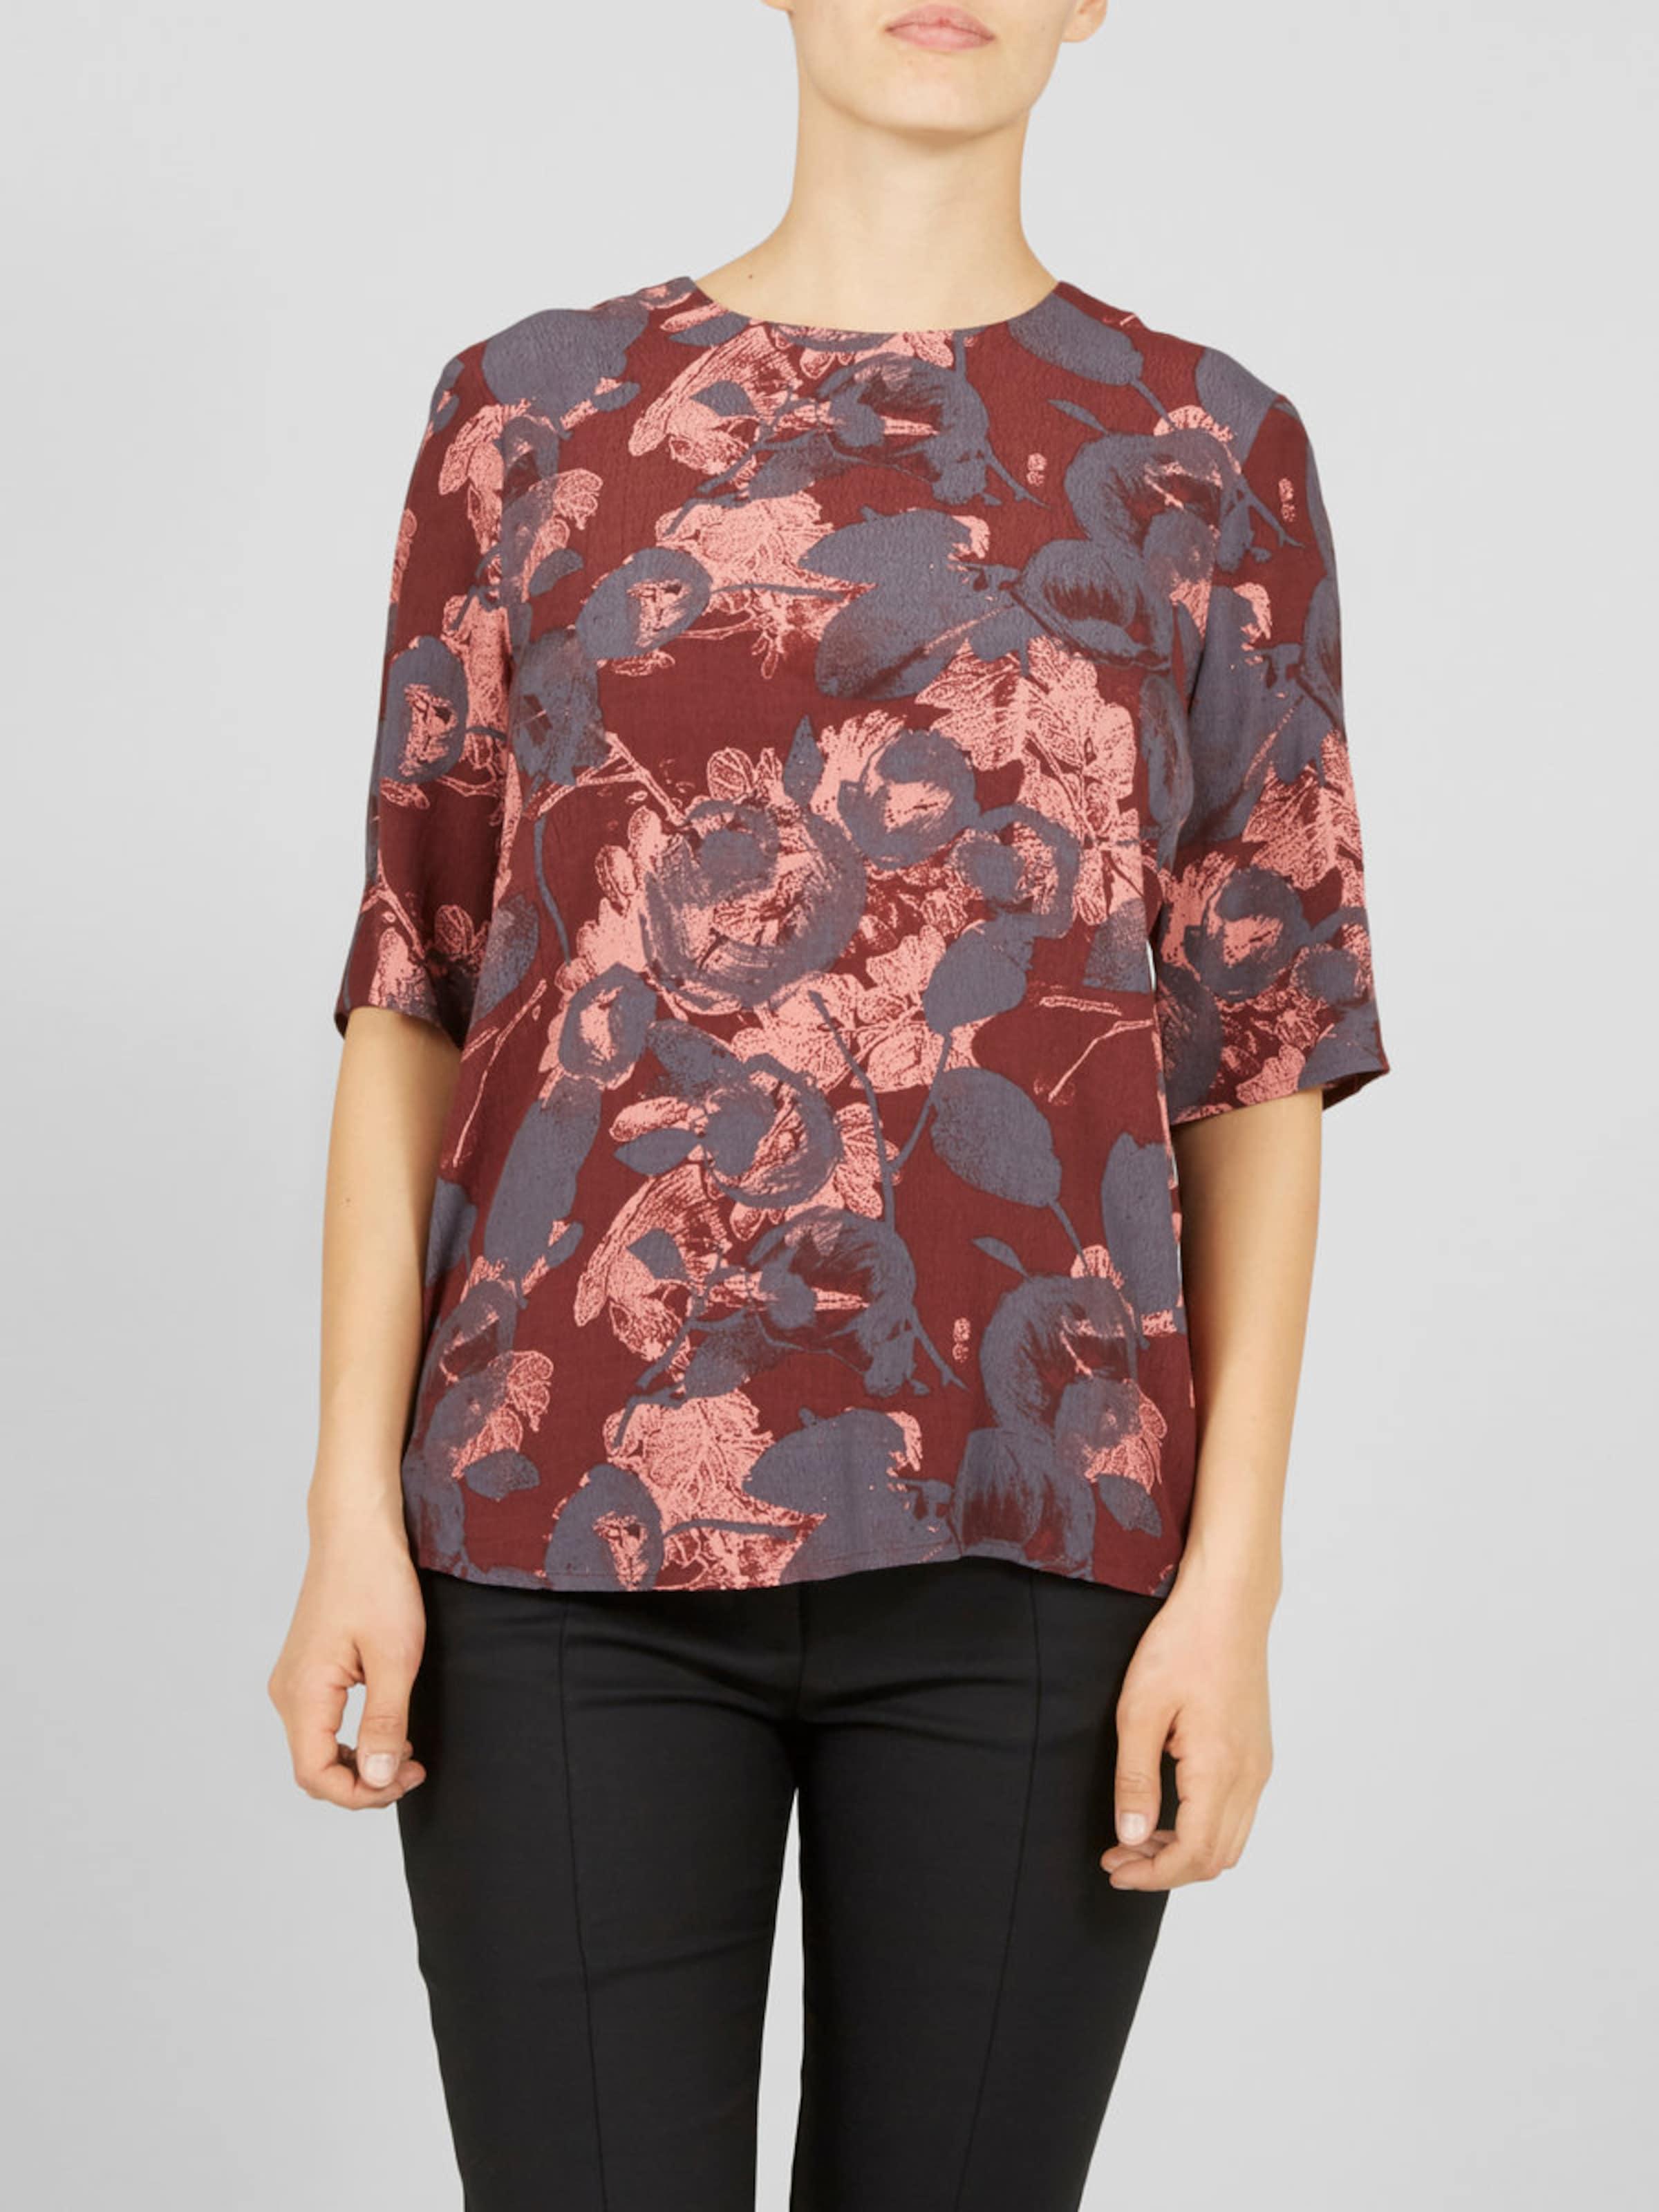 Verkauf Zuverlässig Y.A.S Blumen-T-Shirt Freies Verschiffen Billig Qualität 8FQuK2PY